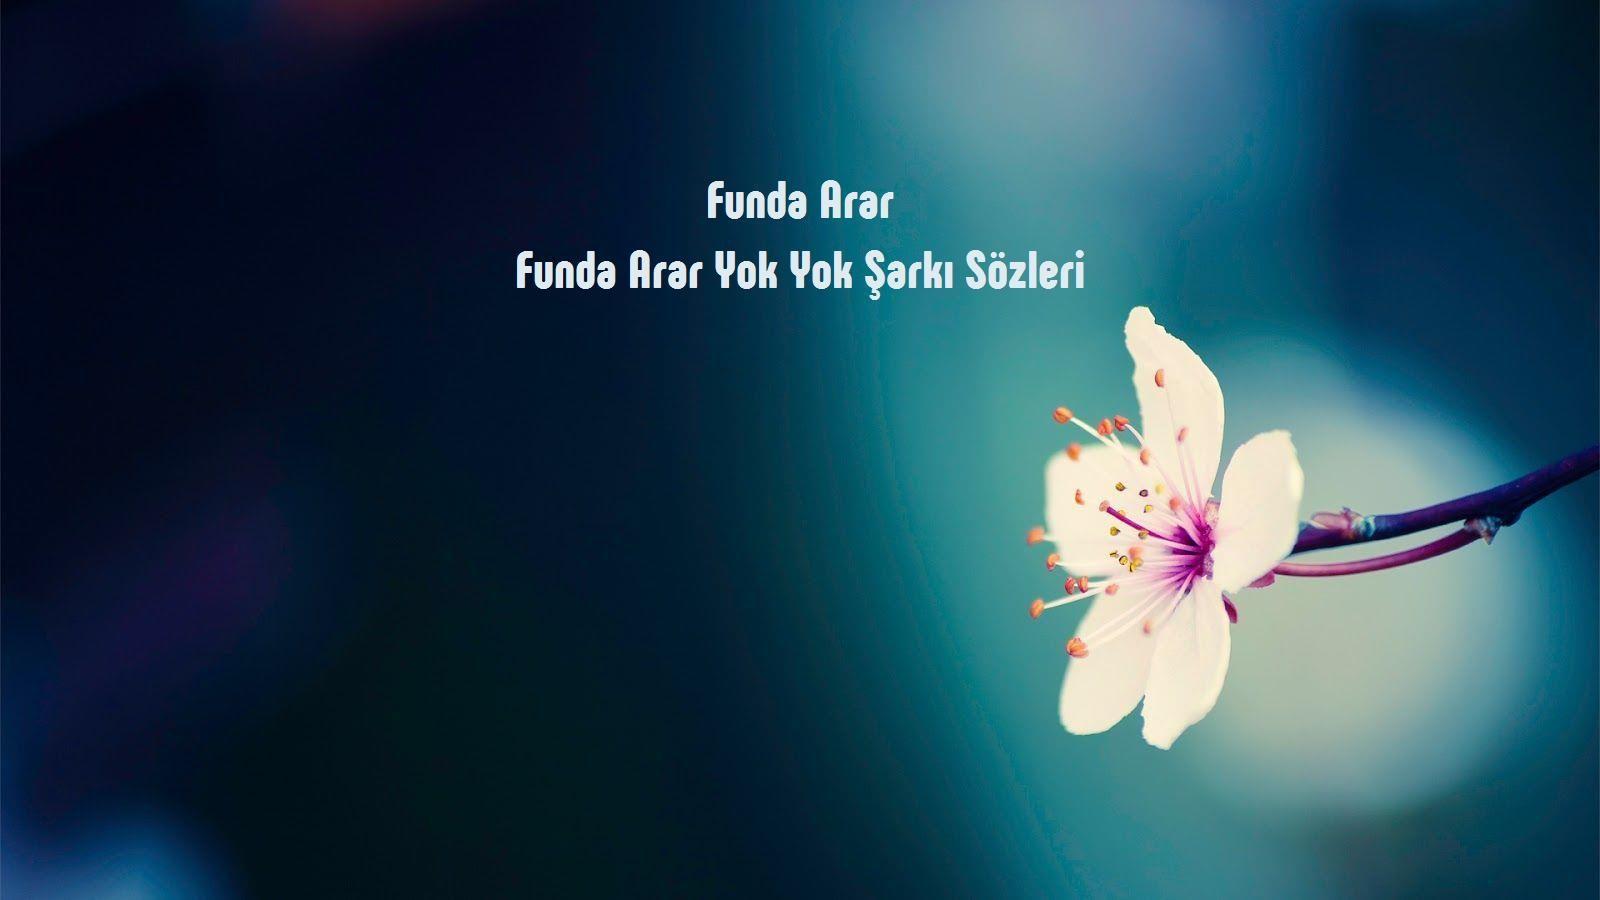 Funda Arar Yok Yok sözleri http://sarki-sozleri.web.tr/funda-arar-yok-yok-sozleri/